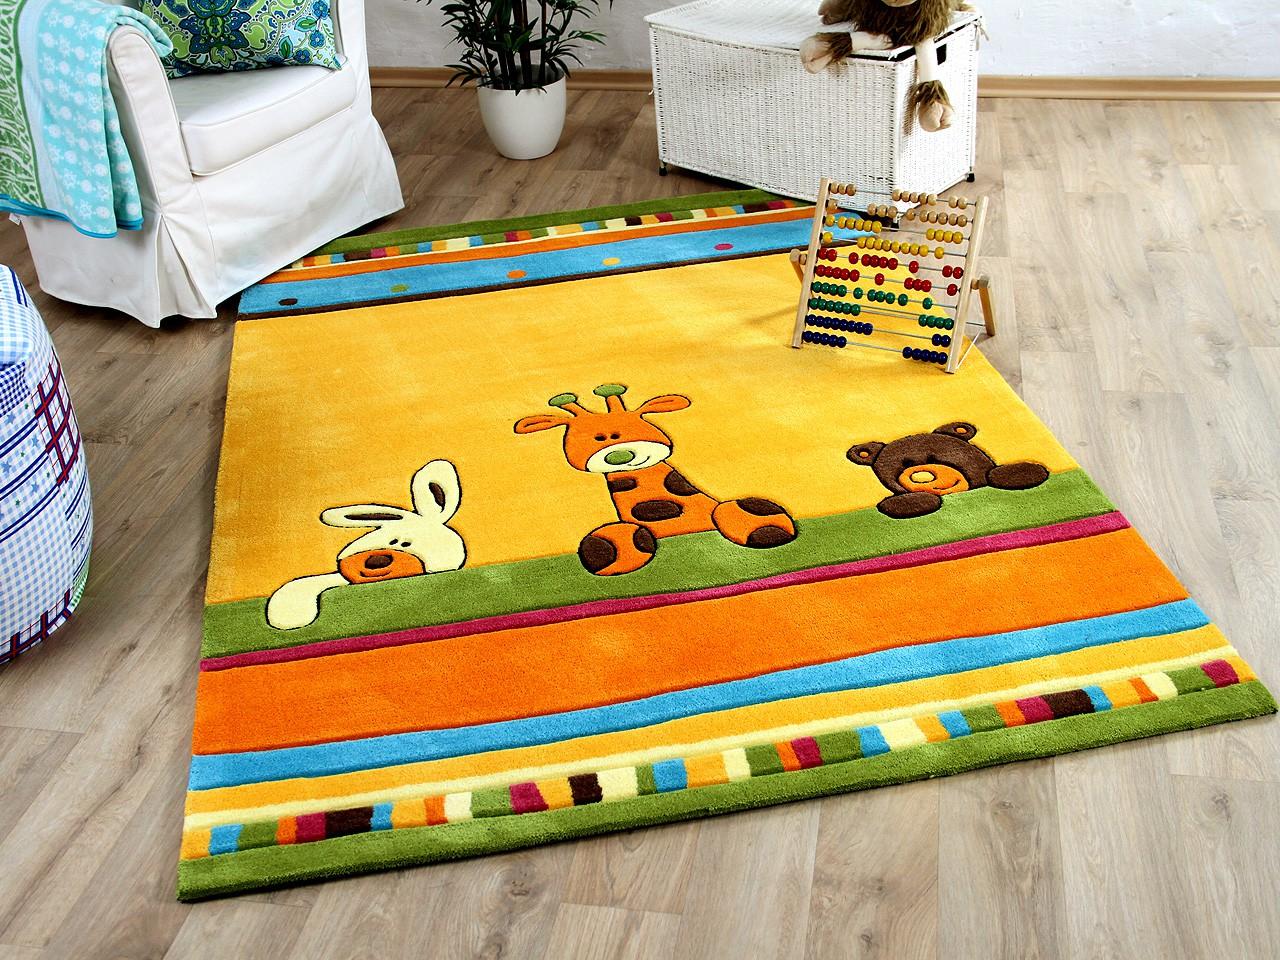 Lifestyle Kinderteppich Giraffe Gelb !!! Sofort Lieferbar